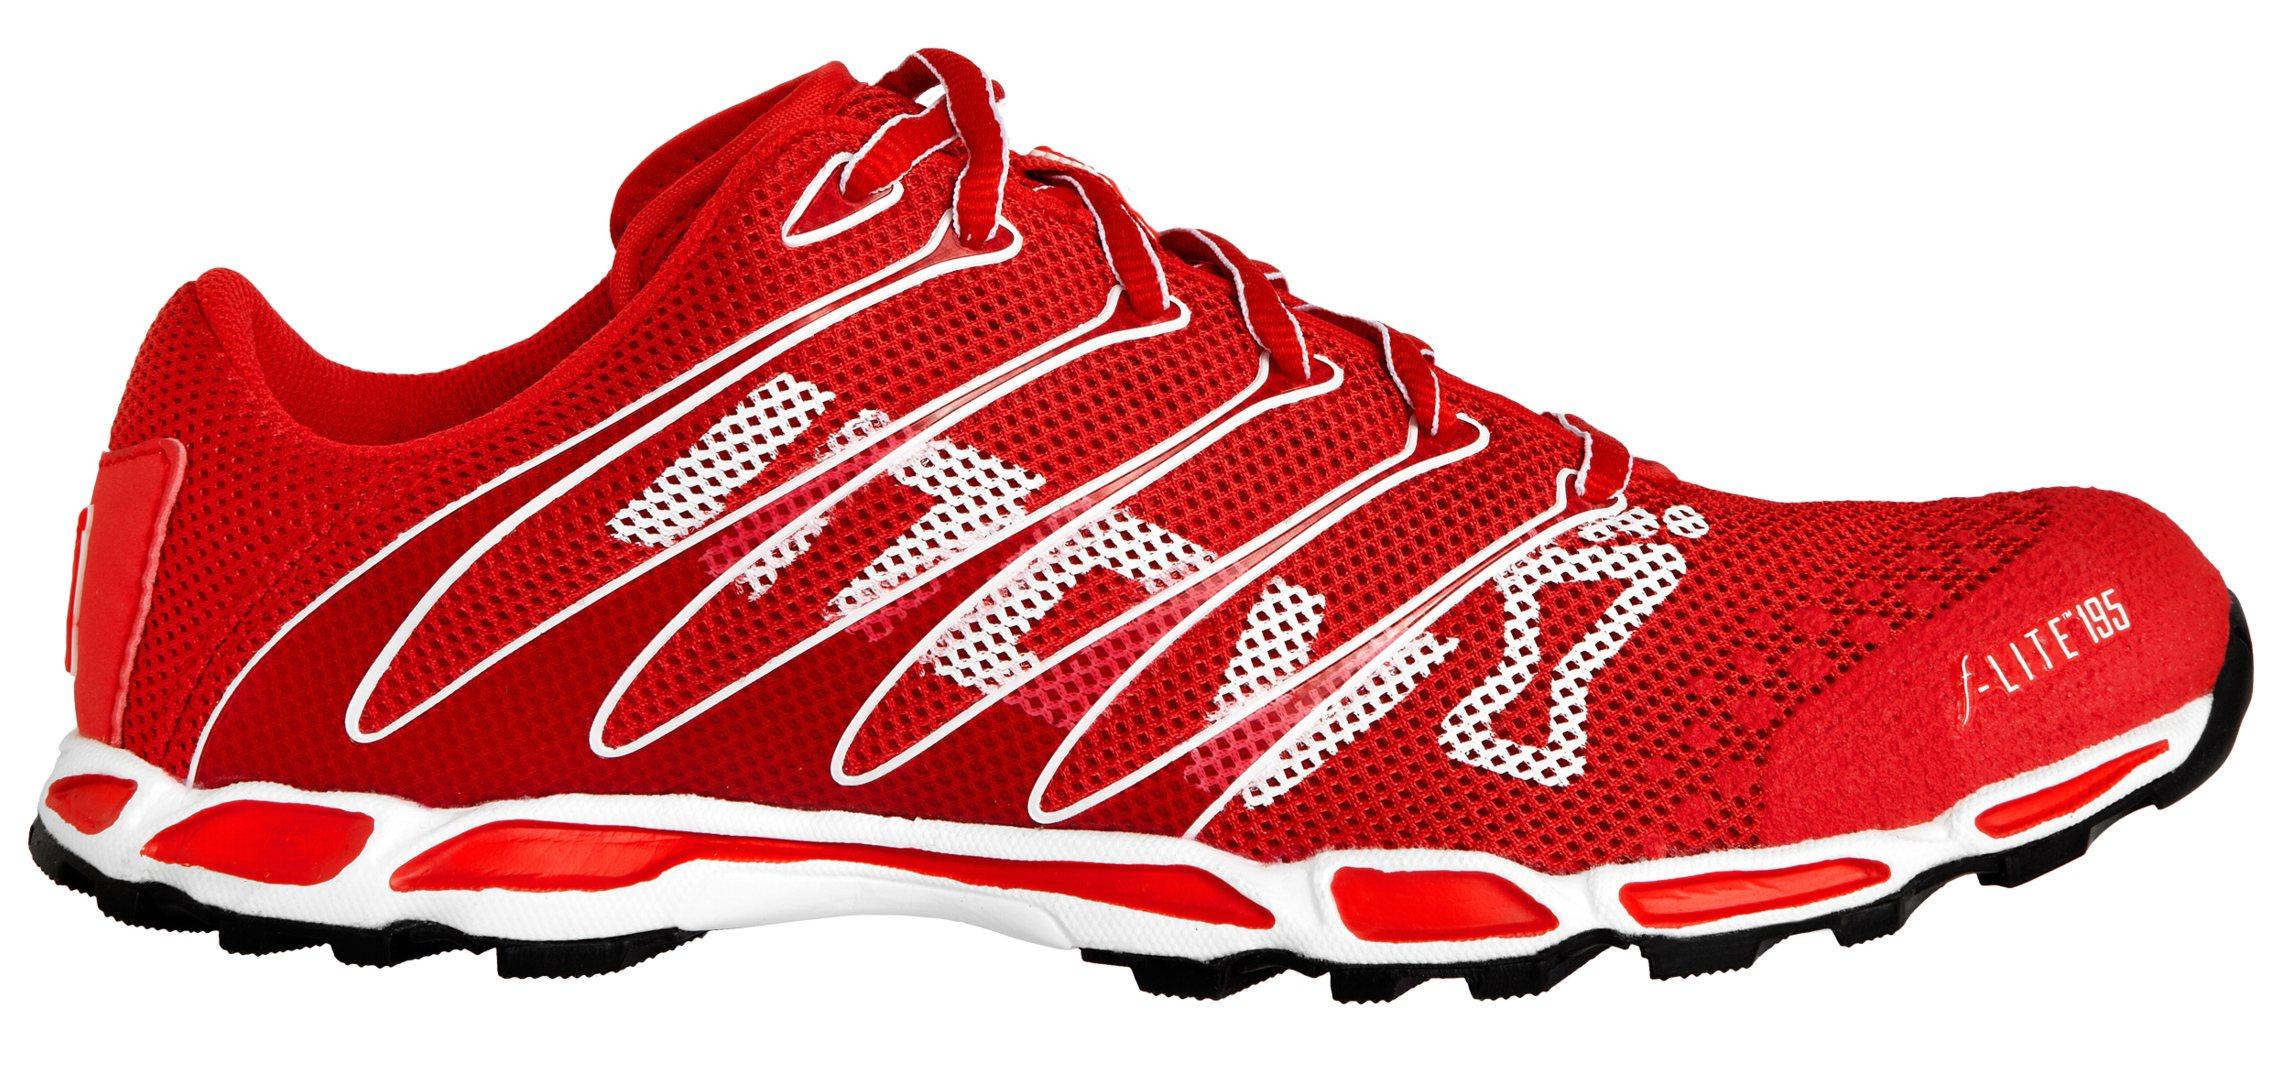 22693c26 Высокотехнологичная легкая (195 г) модель фирмы INOV8, идеальная для тех,  кто уже перешел на минималистичную обувь и естественный бег.